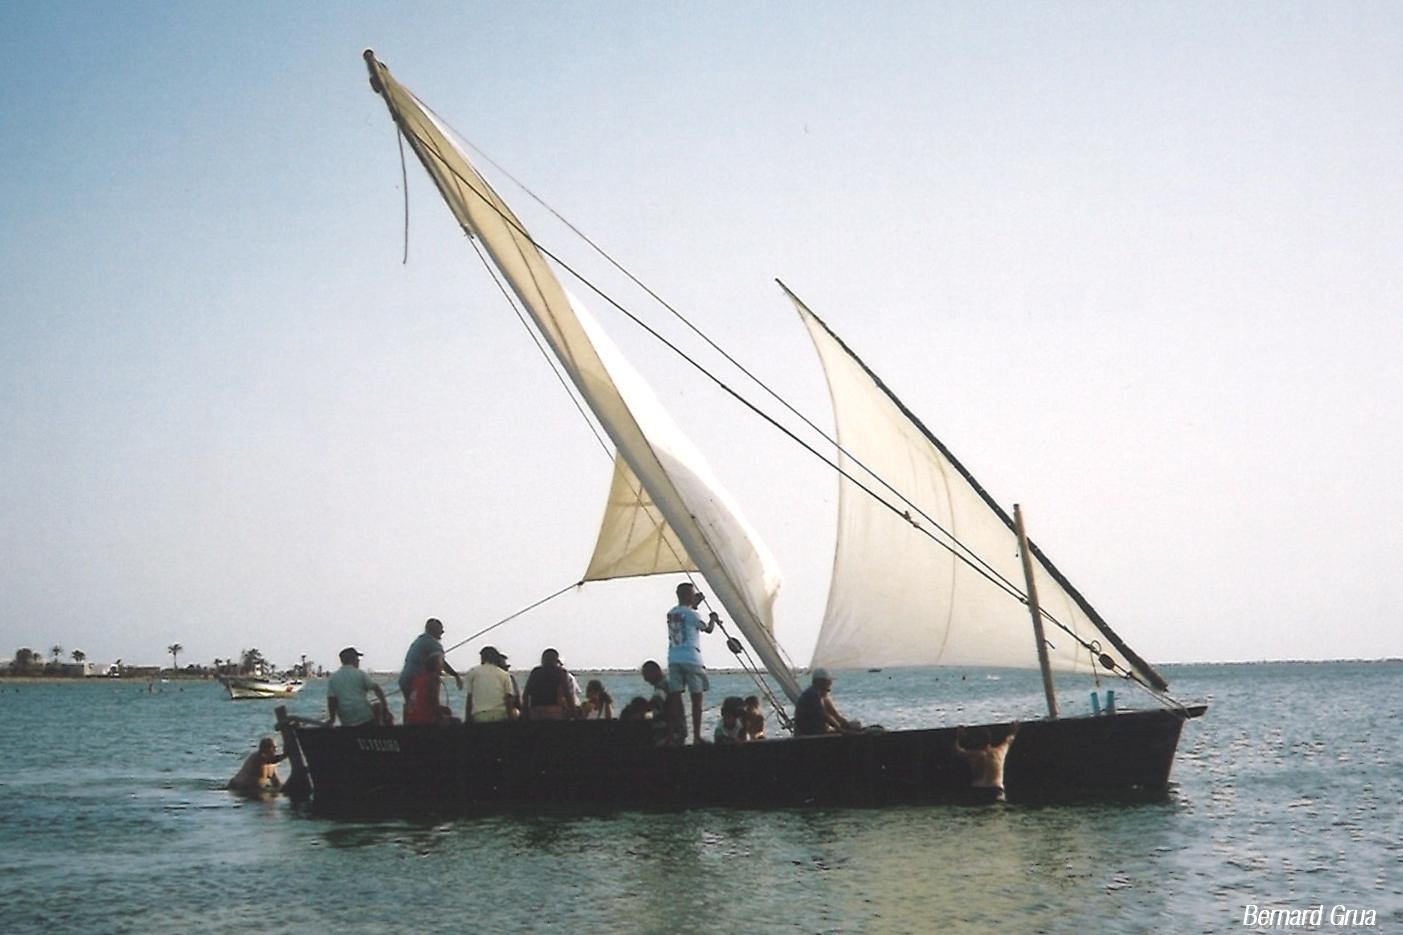 """Bernard Grua. Le loude El Filio que l'on voit ici à Chergui La Marsa a été longtemps abandonné. Il n'est plus en état de prendre la mer. Il est aujourd'hui au sec devant le musée d'El Abbassia. Lire: """"Le loud « El Feliho » à Kerkennah en 2002""""."""